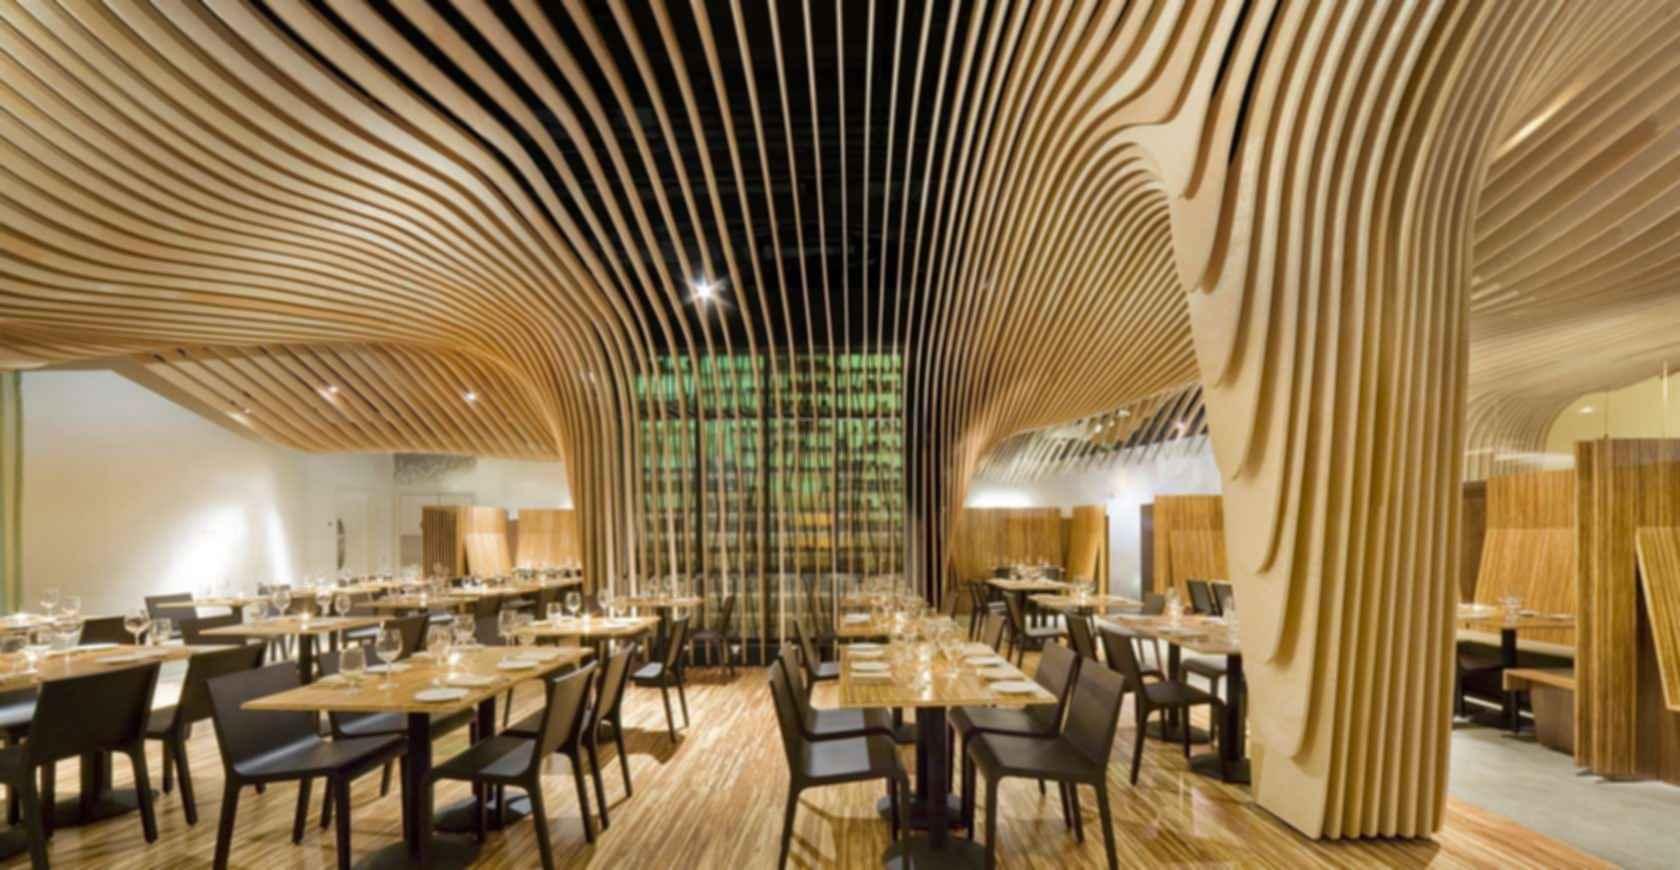 BanQ Restaurant - Dining Area